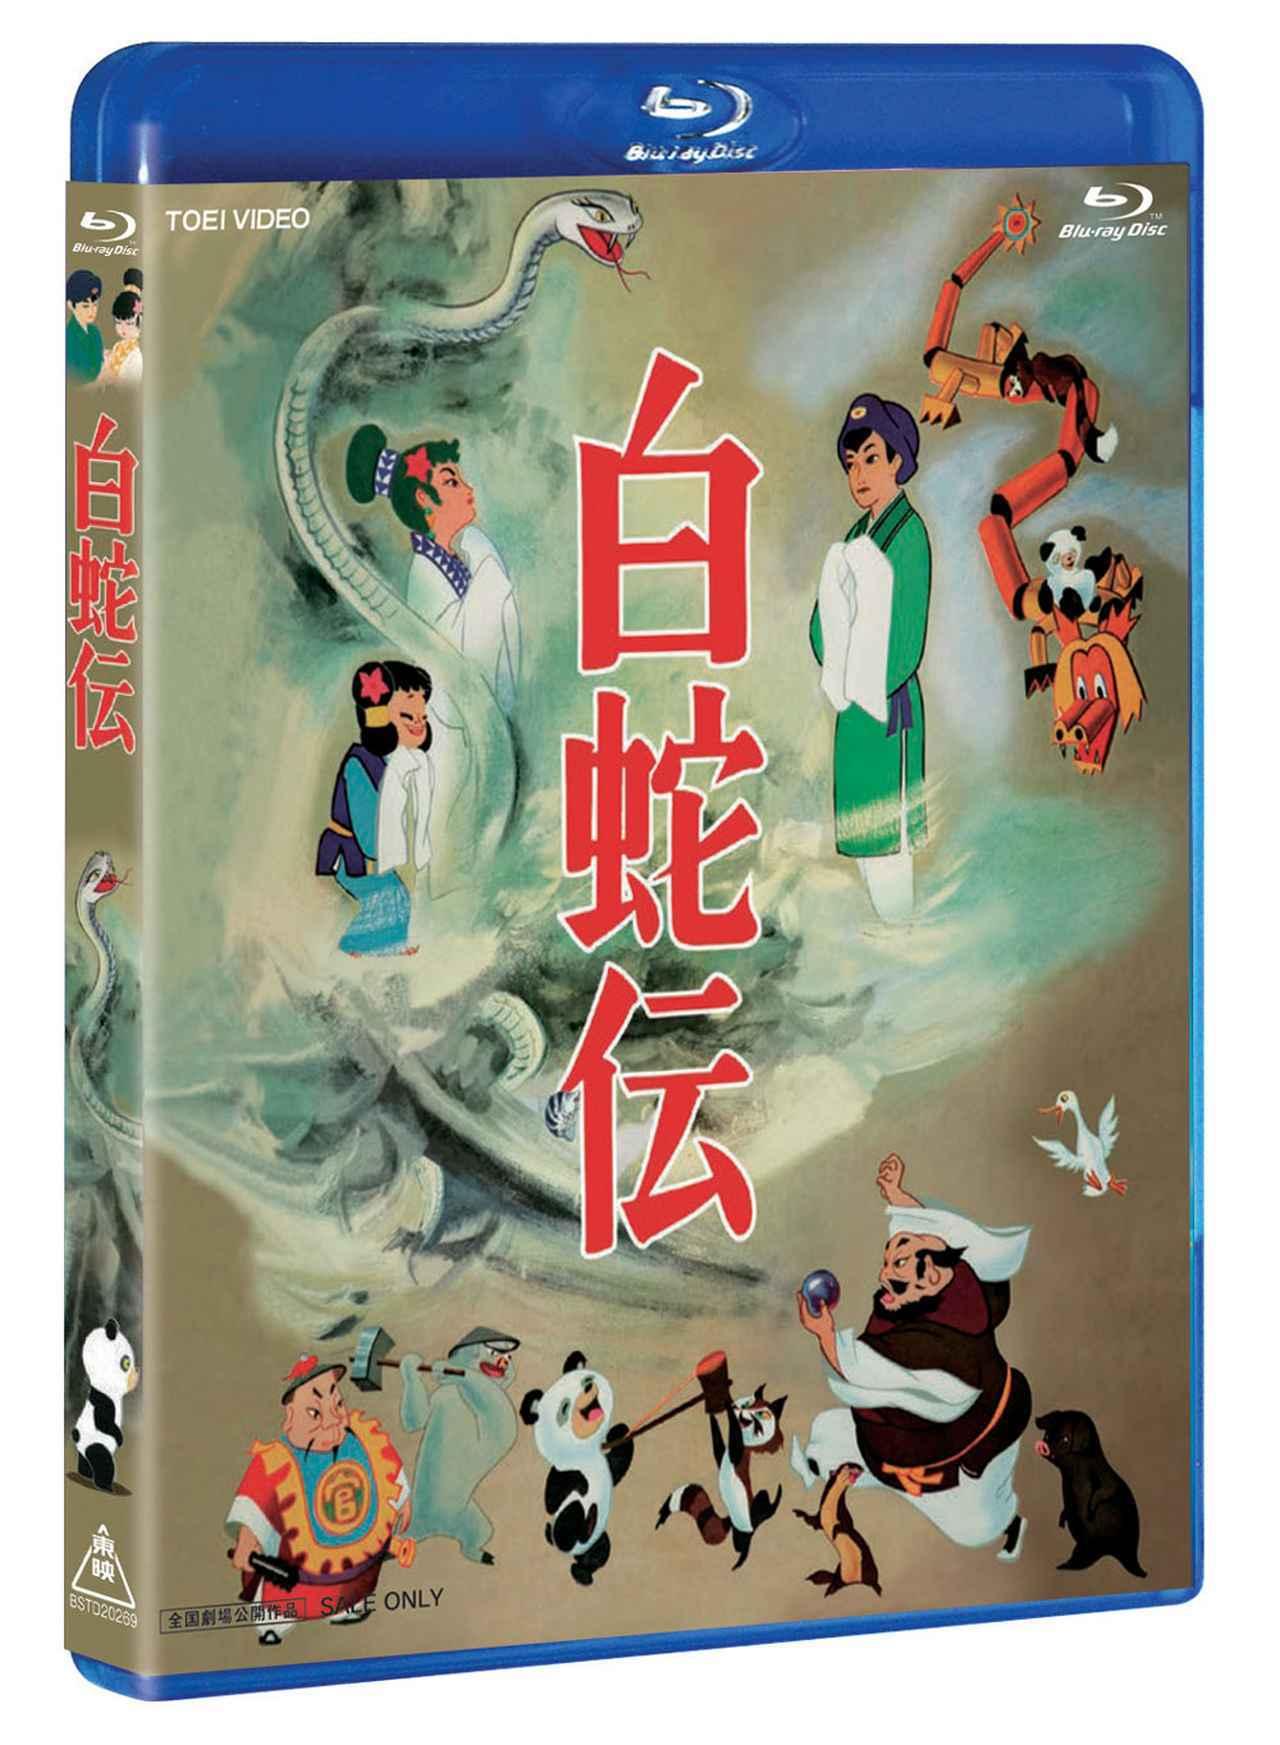 画像: 日本初の長編カラーアニメーション「白蛇伝」、公開当時の映像を可能な限り復元し、新規4Kマスターを使用したBlu-ray BOXが10月9日に発売